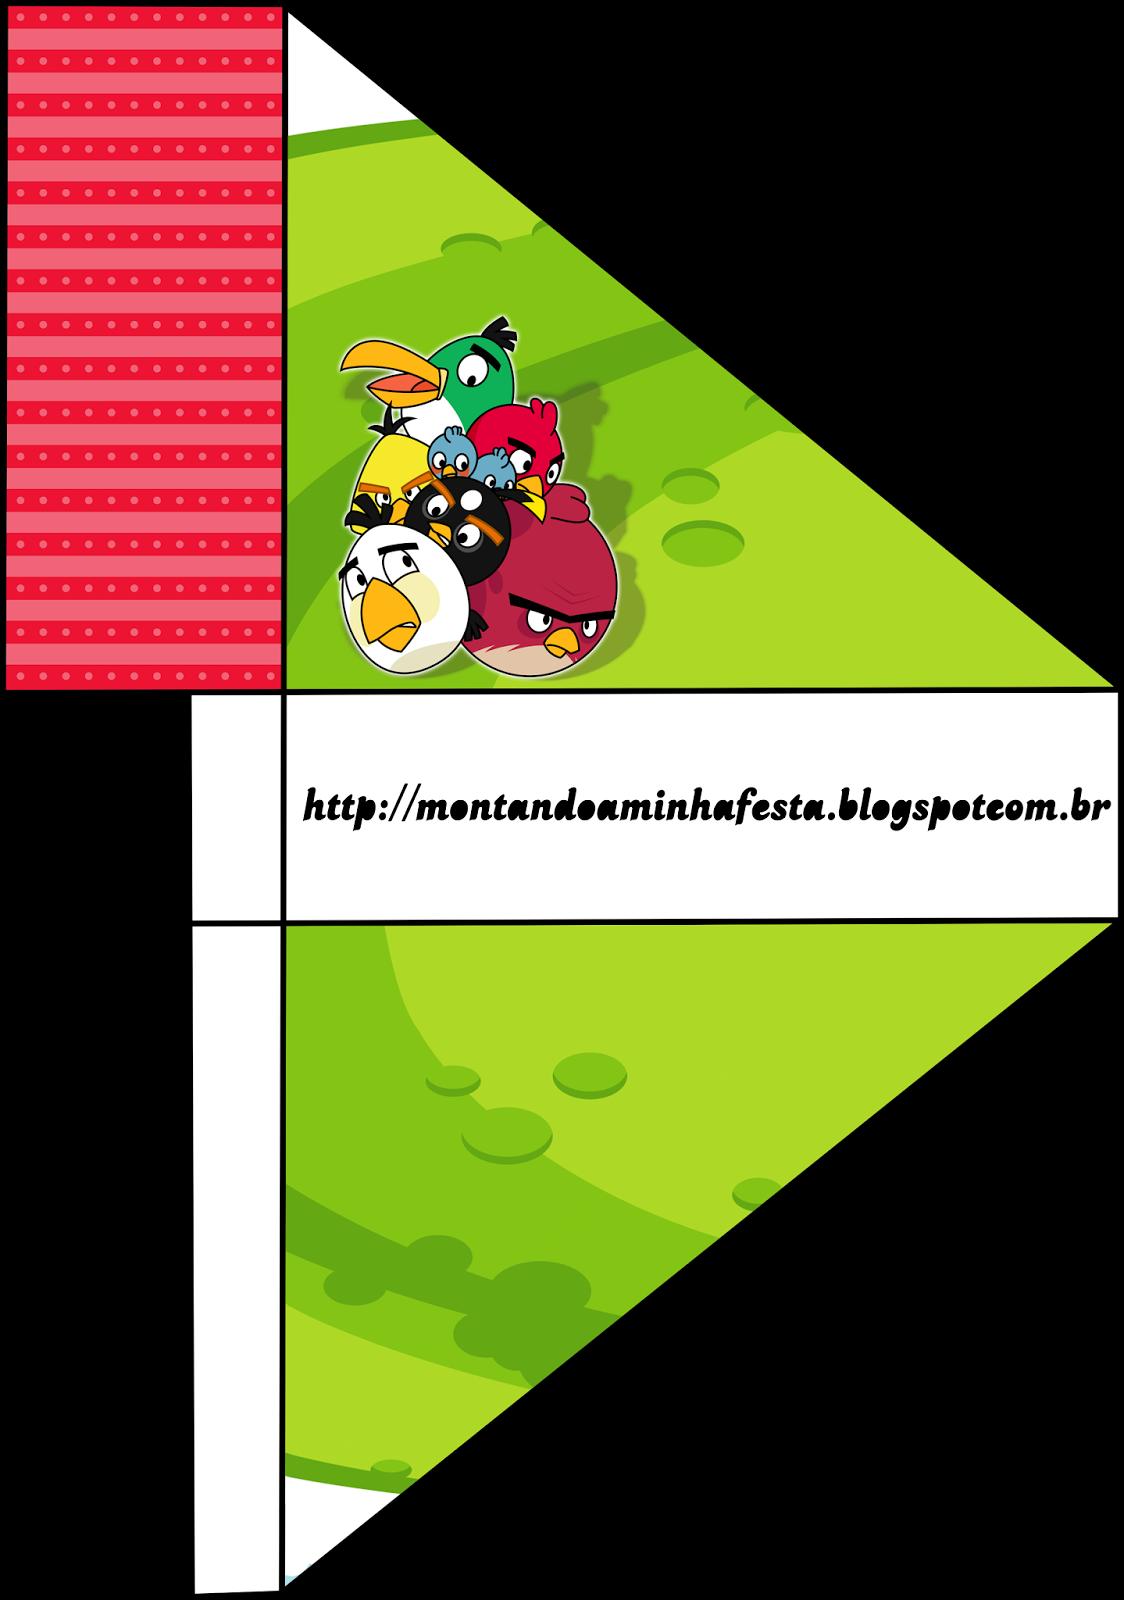 Para servilleteros de Cumpleaños de Angry Birds para imprimir gratis.